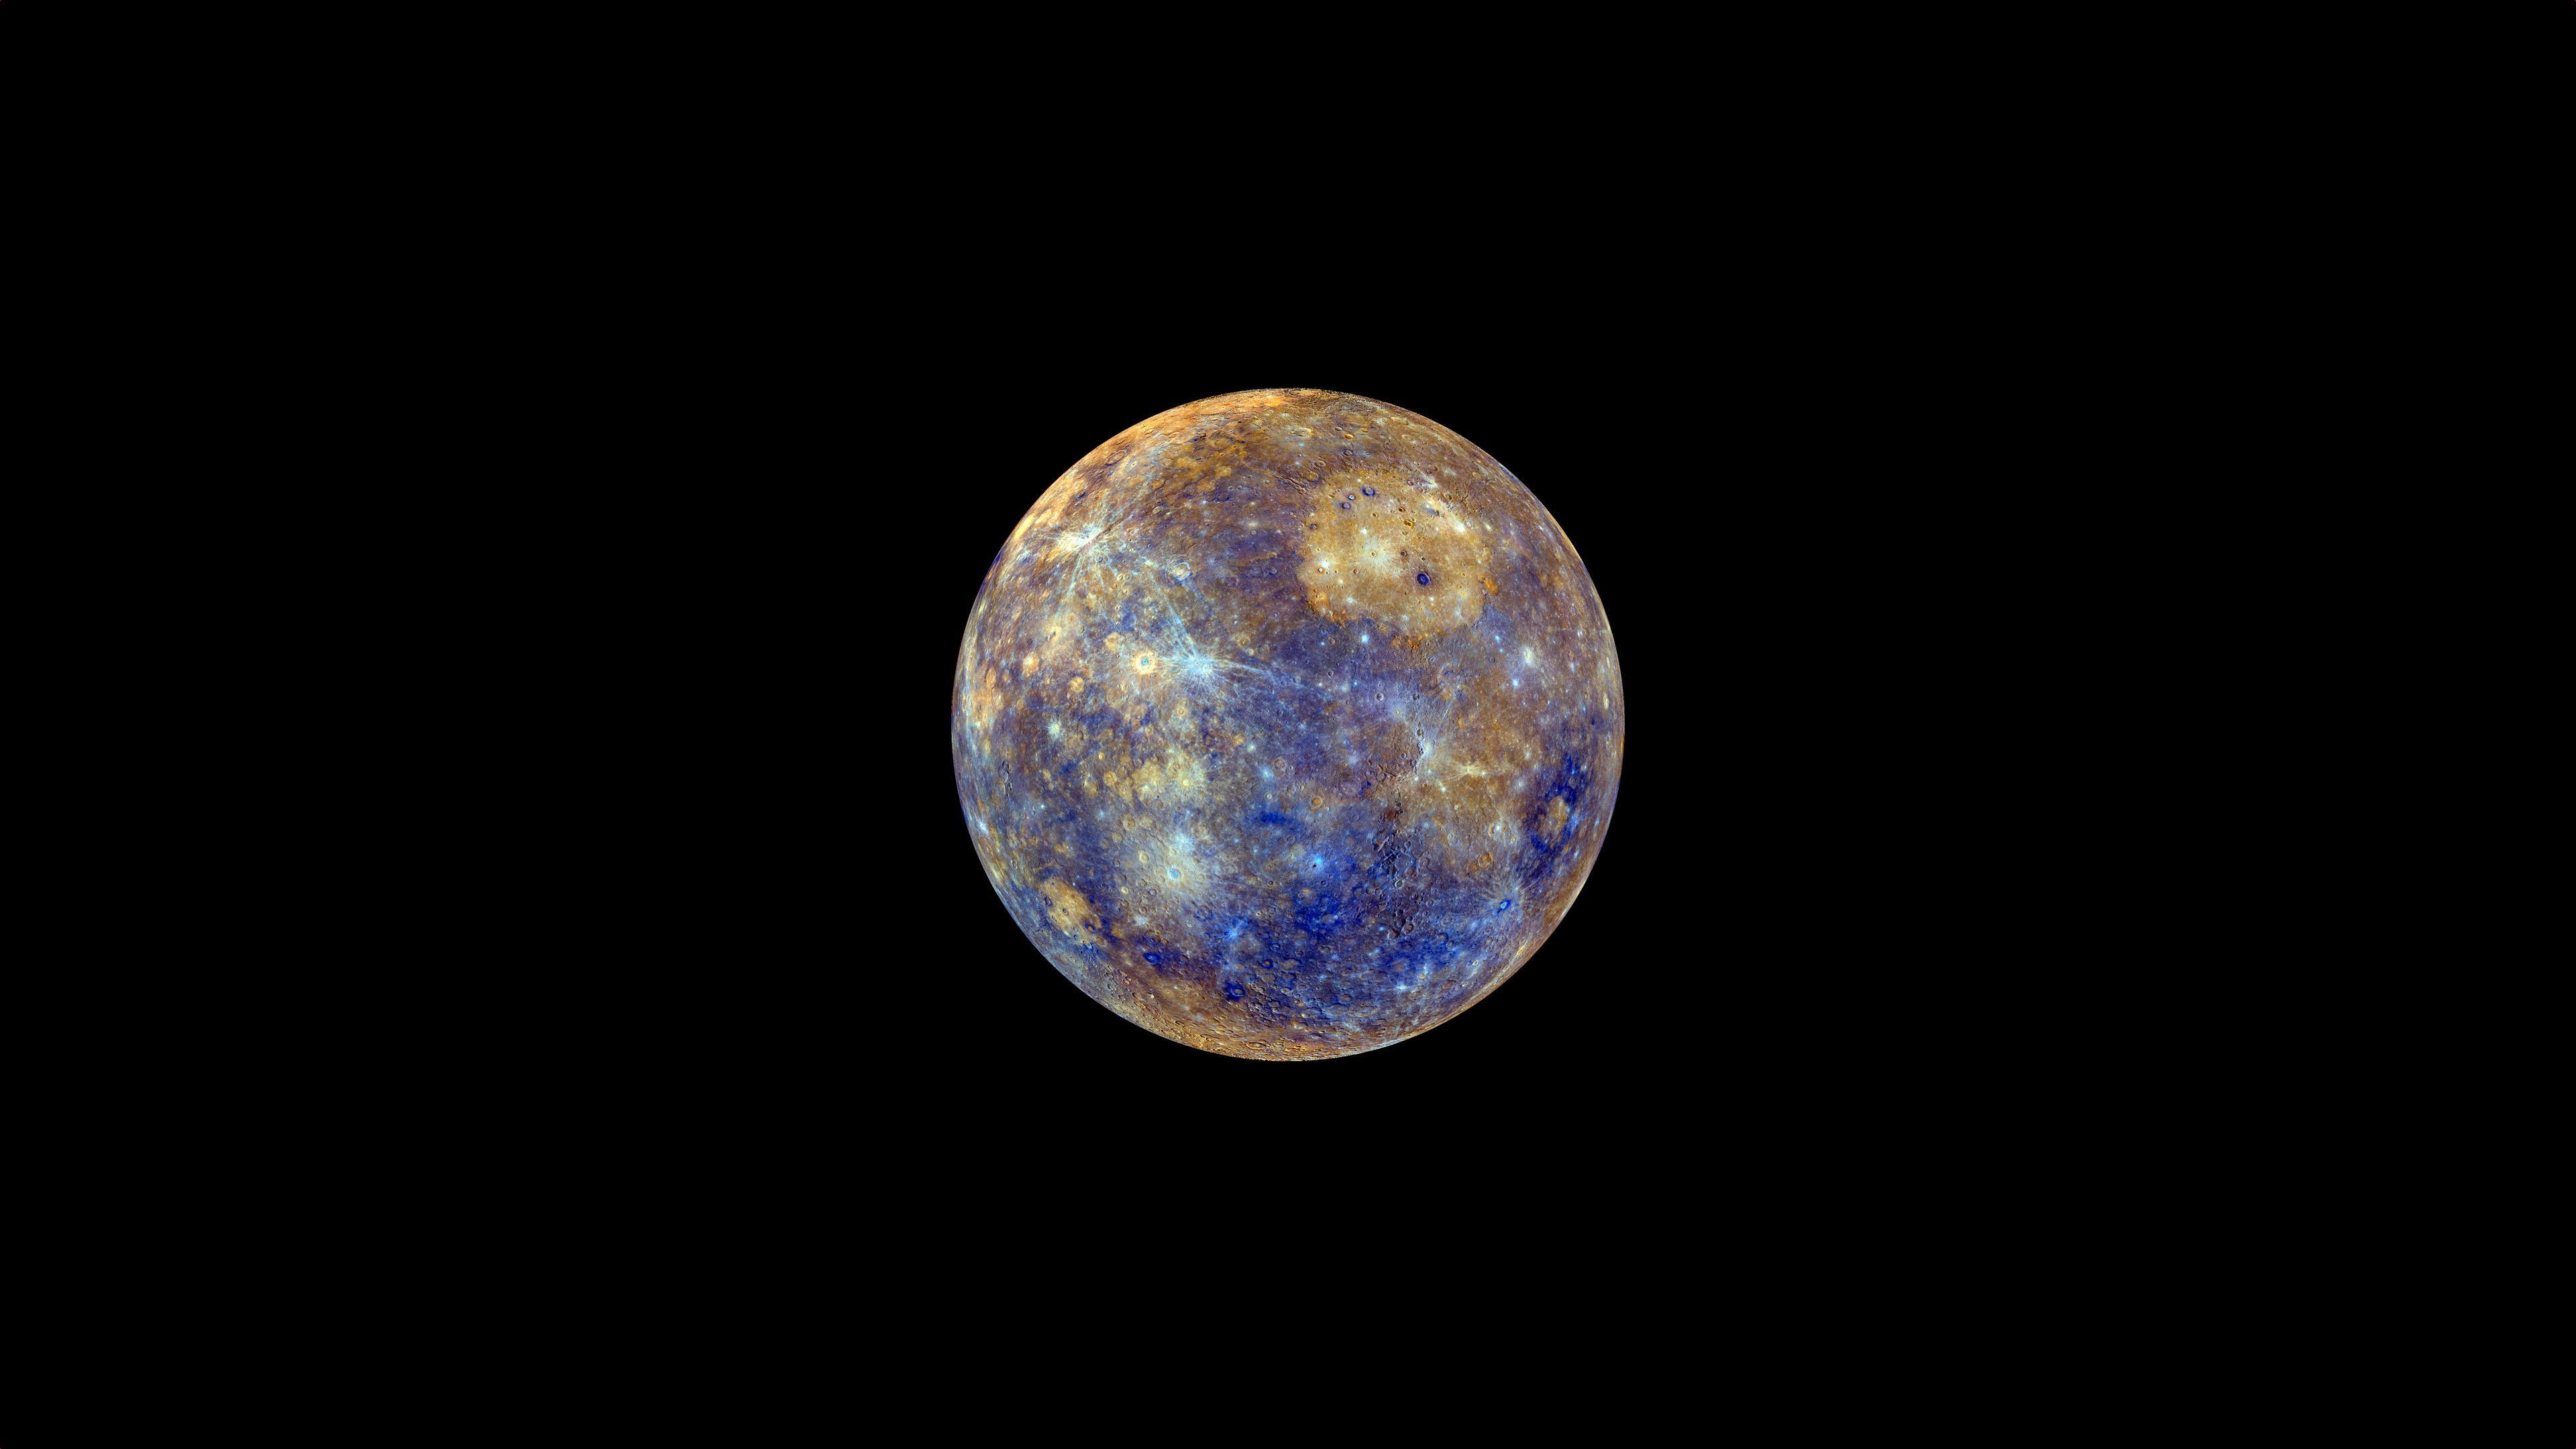 带我去月球_有哪些高逼格的背景图或者壁纸? - 知乎